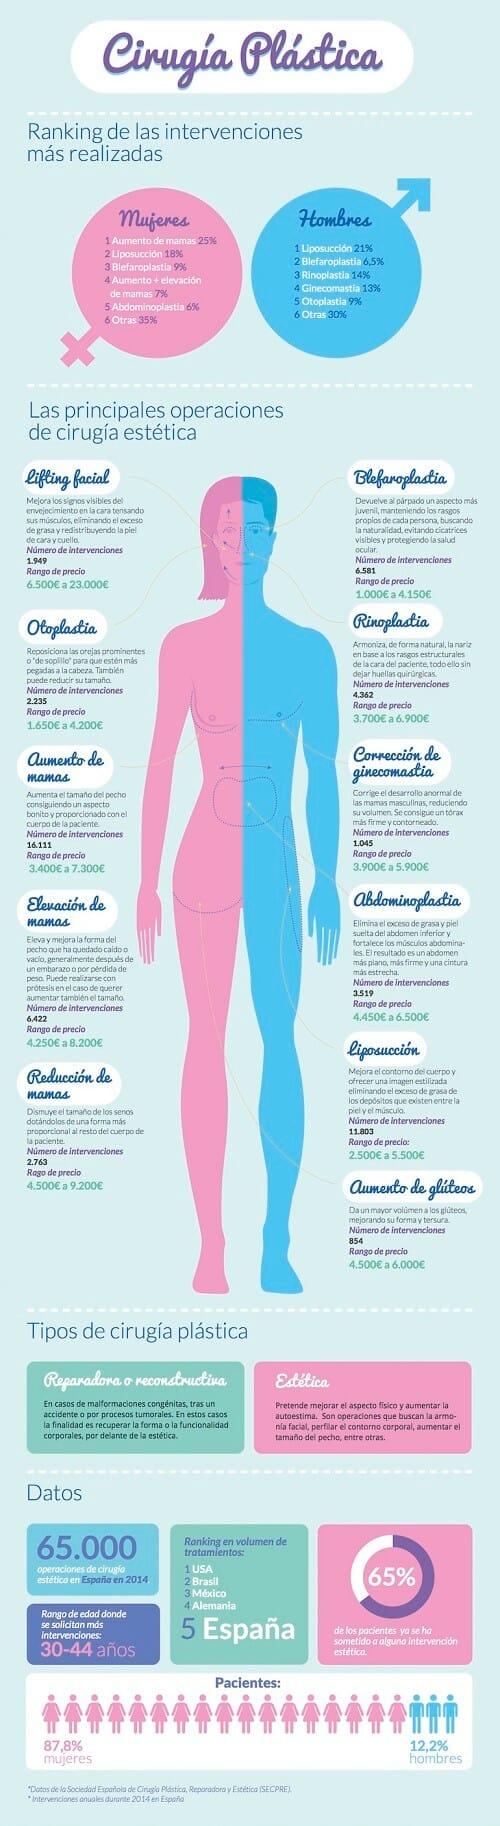 Tipos de cirugía plástica más realizadas #infografía